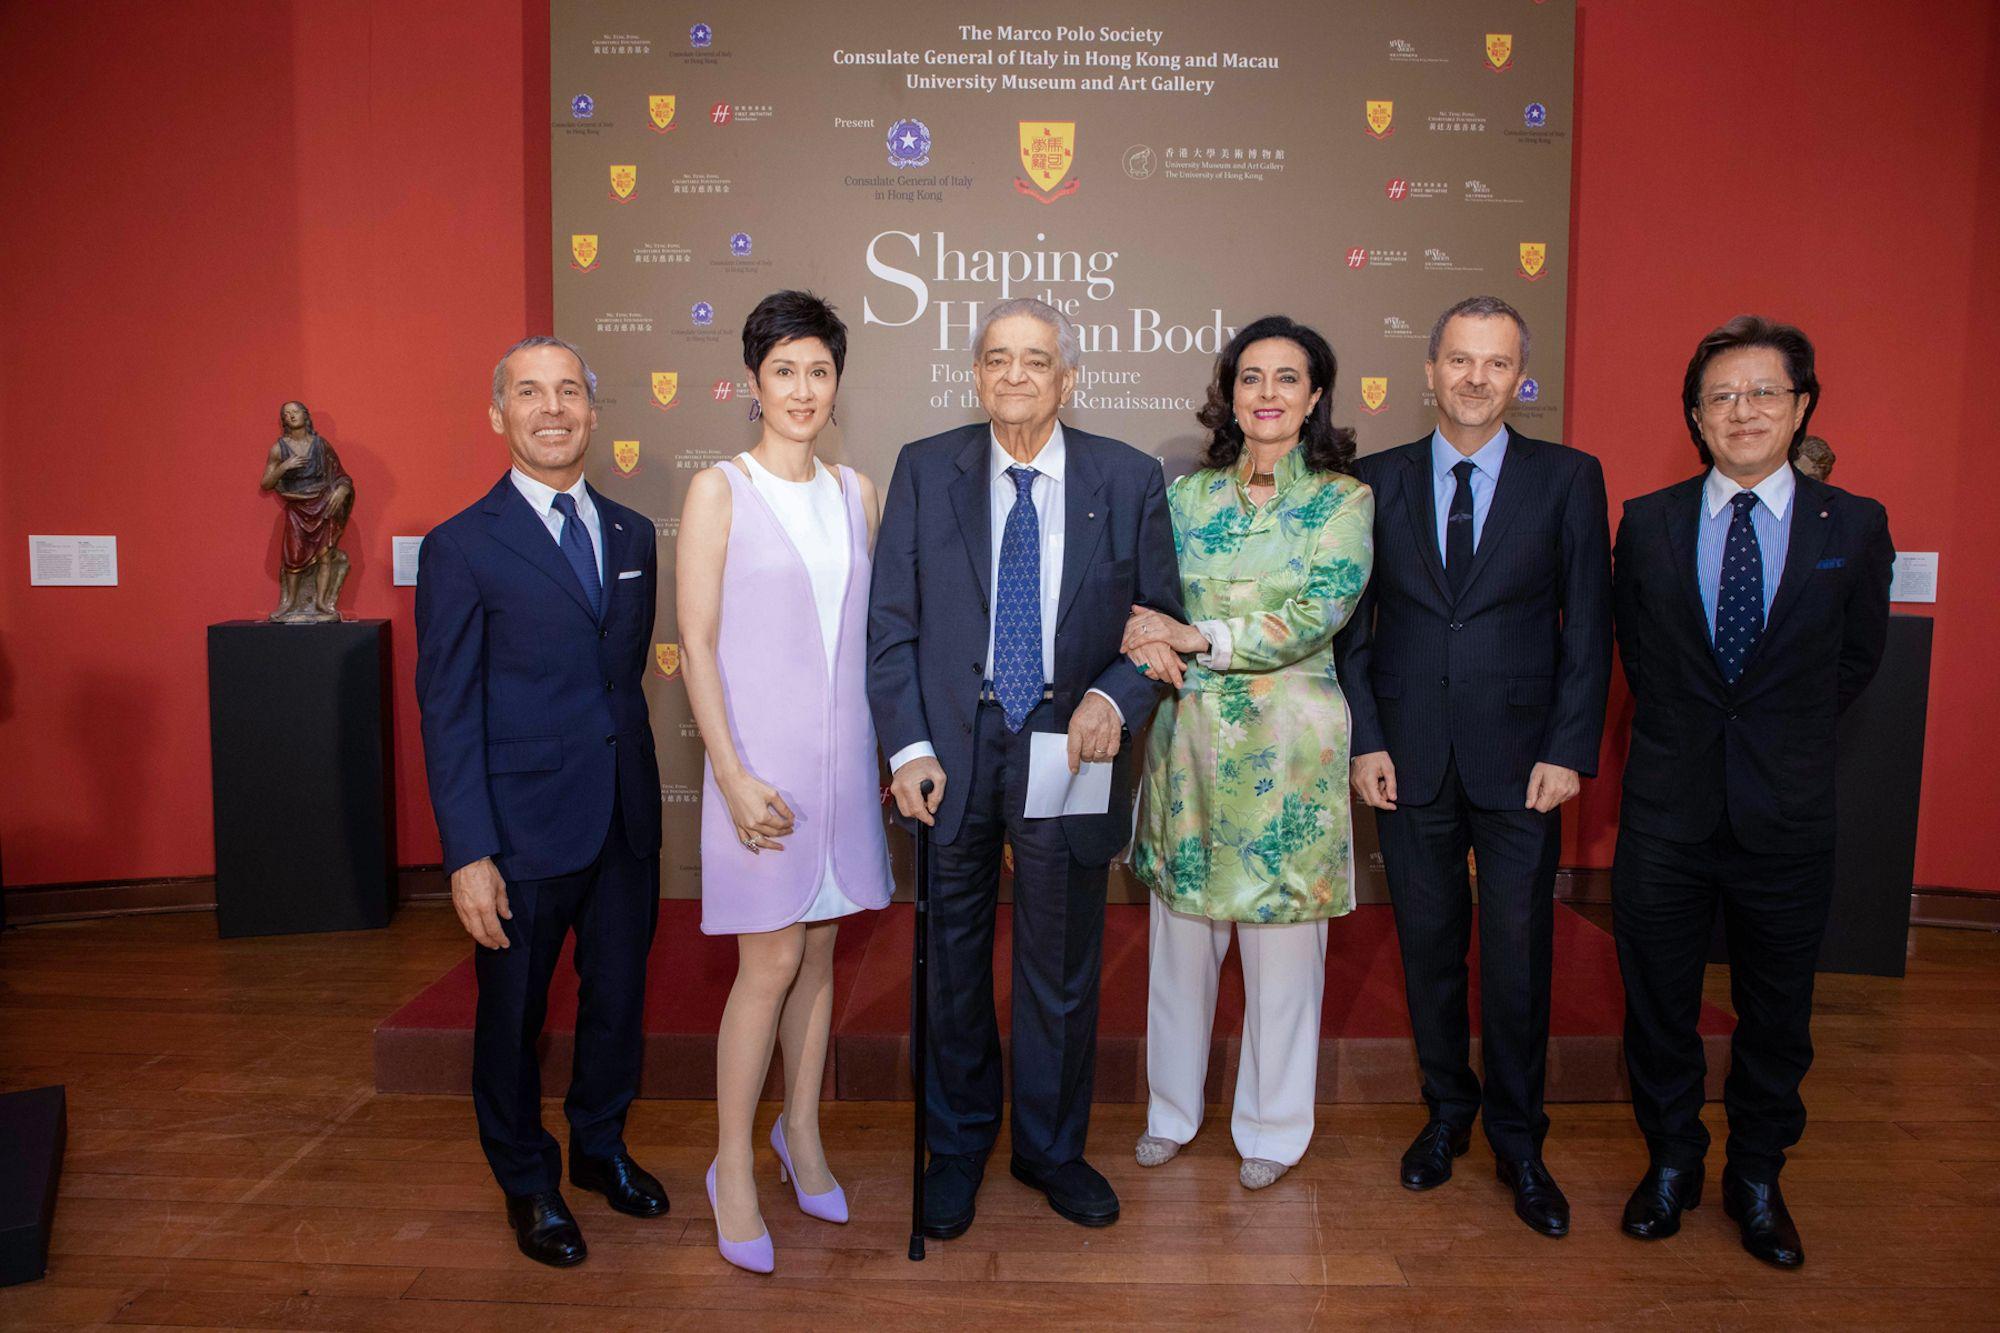 William Figliola, Michelle Ong, Luigi Bellini, Francesca Bellini, Antonello De Riu, Richard Lee